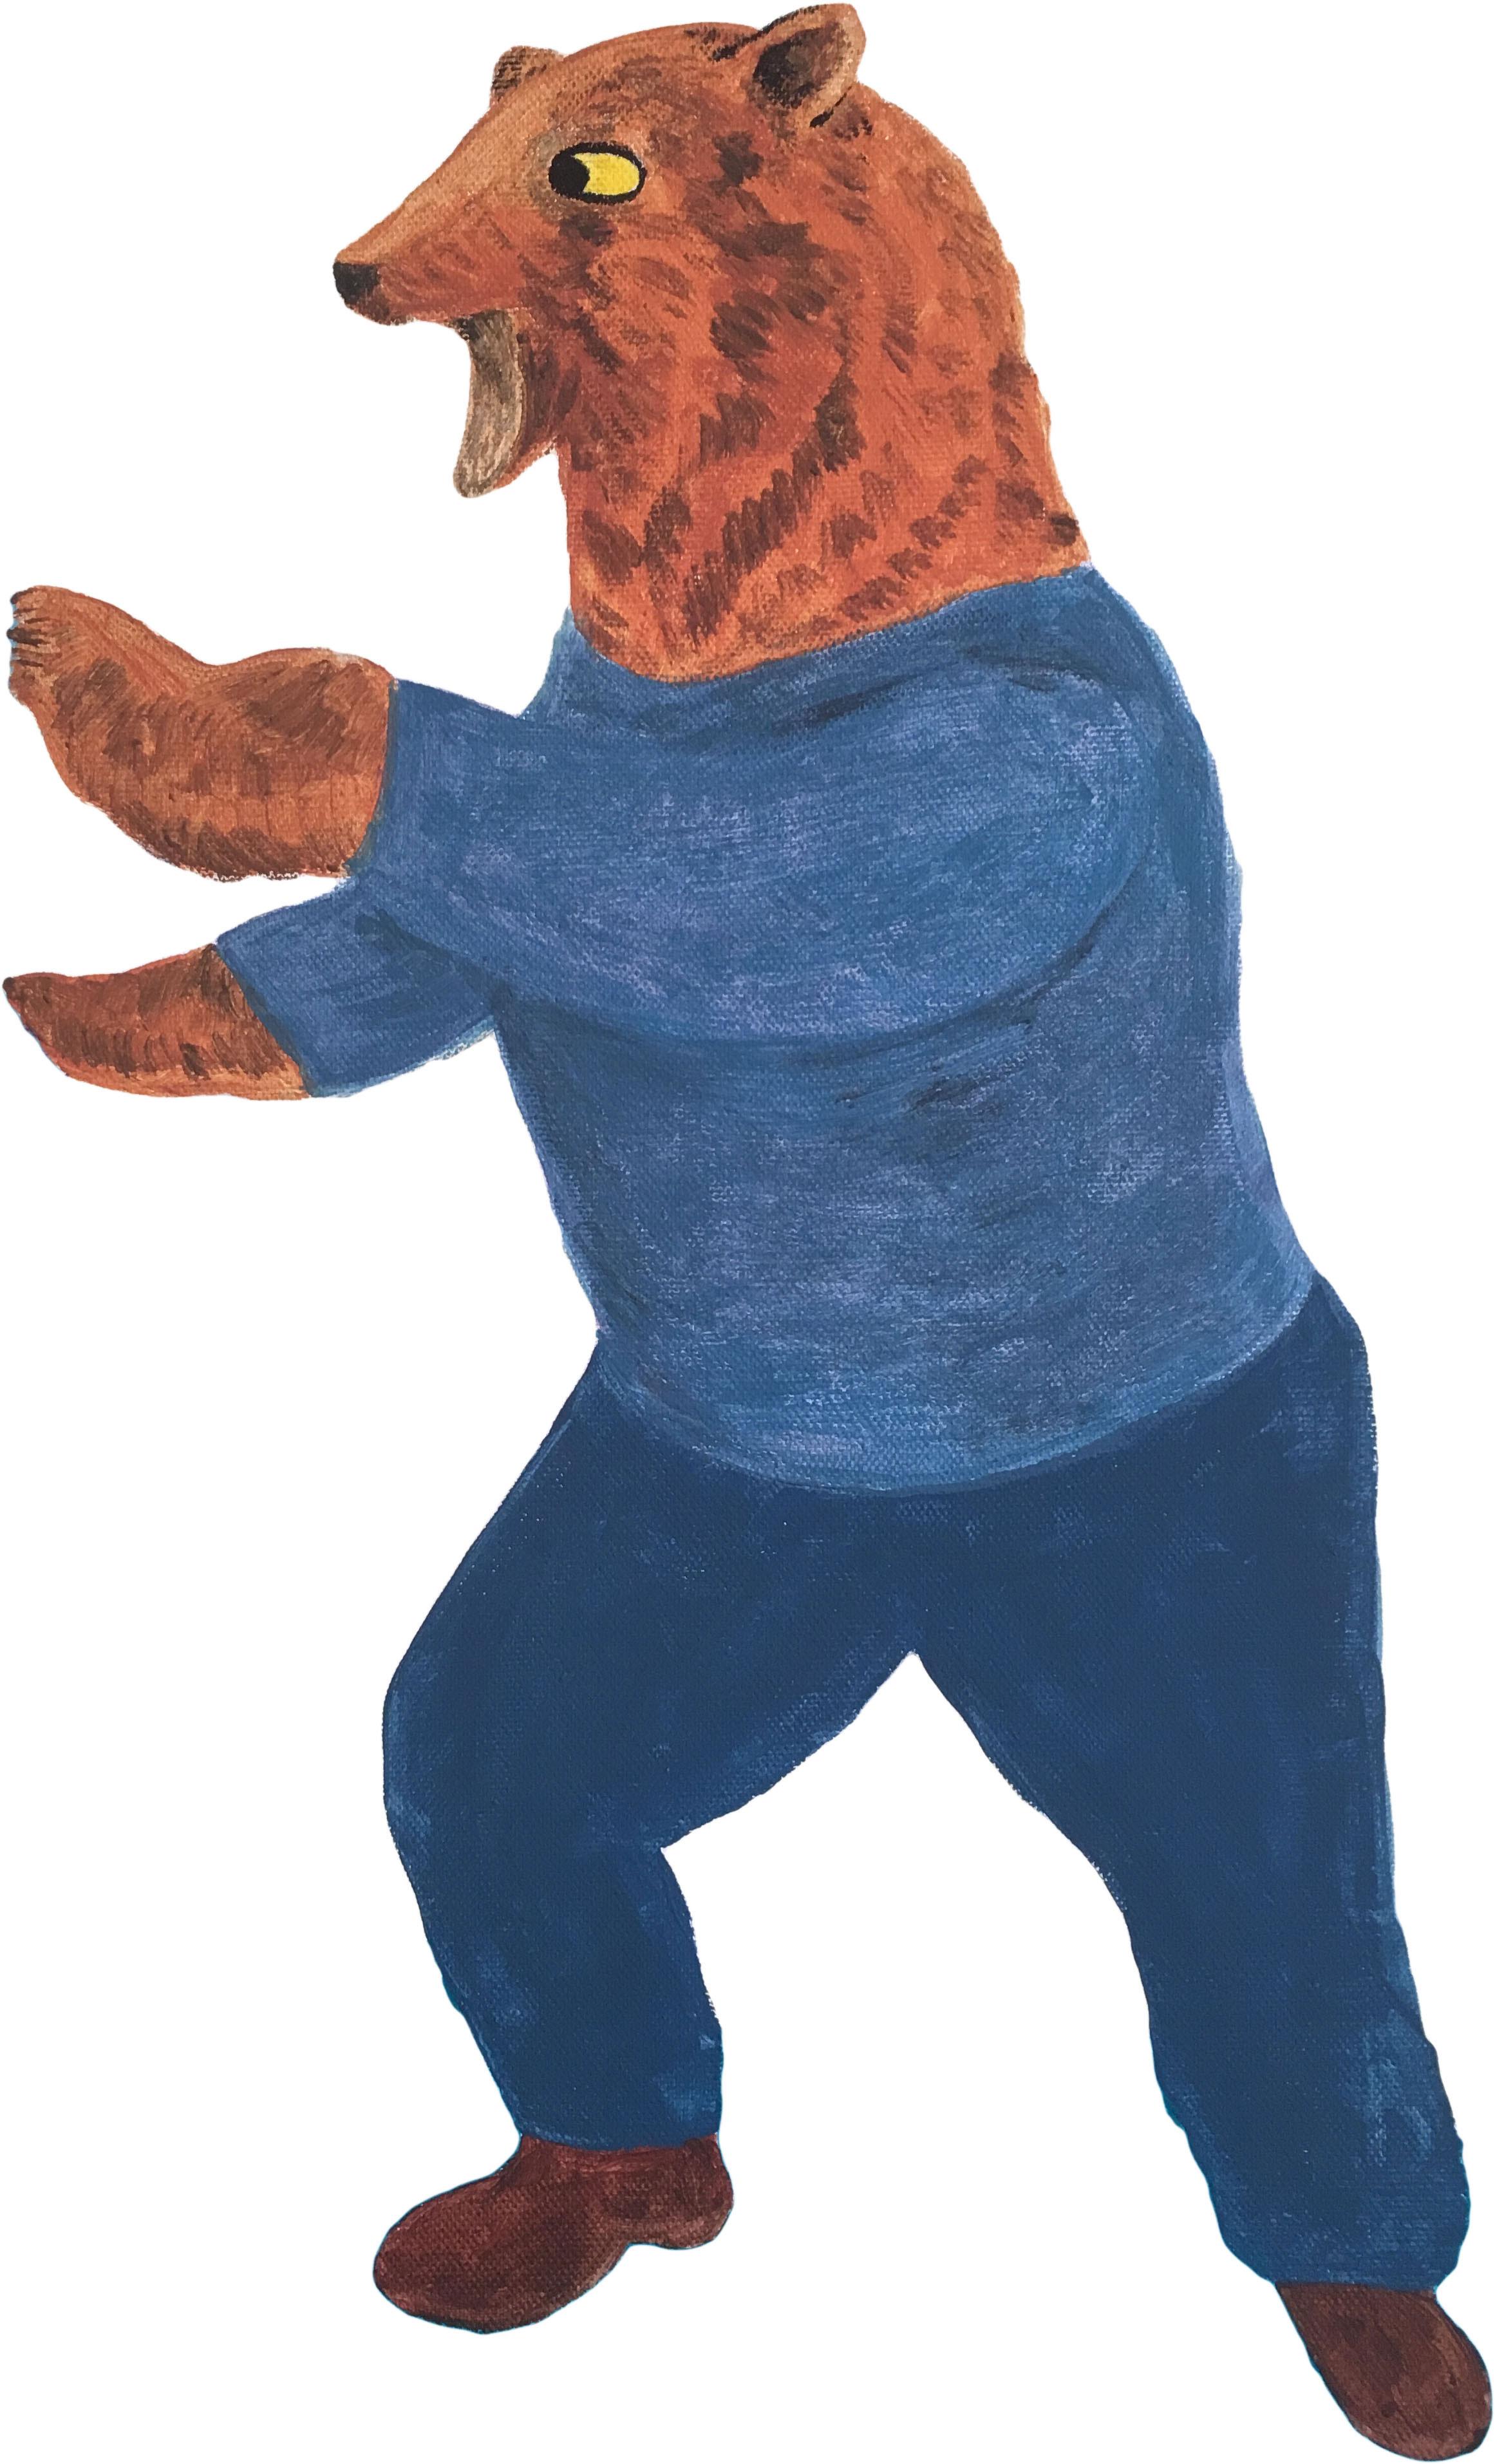 cutout_bear_web.jpg